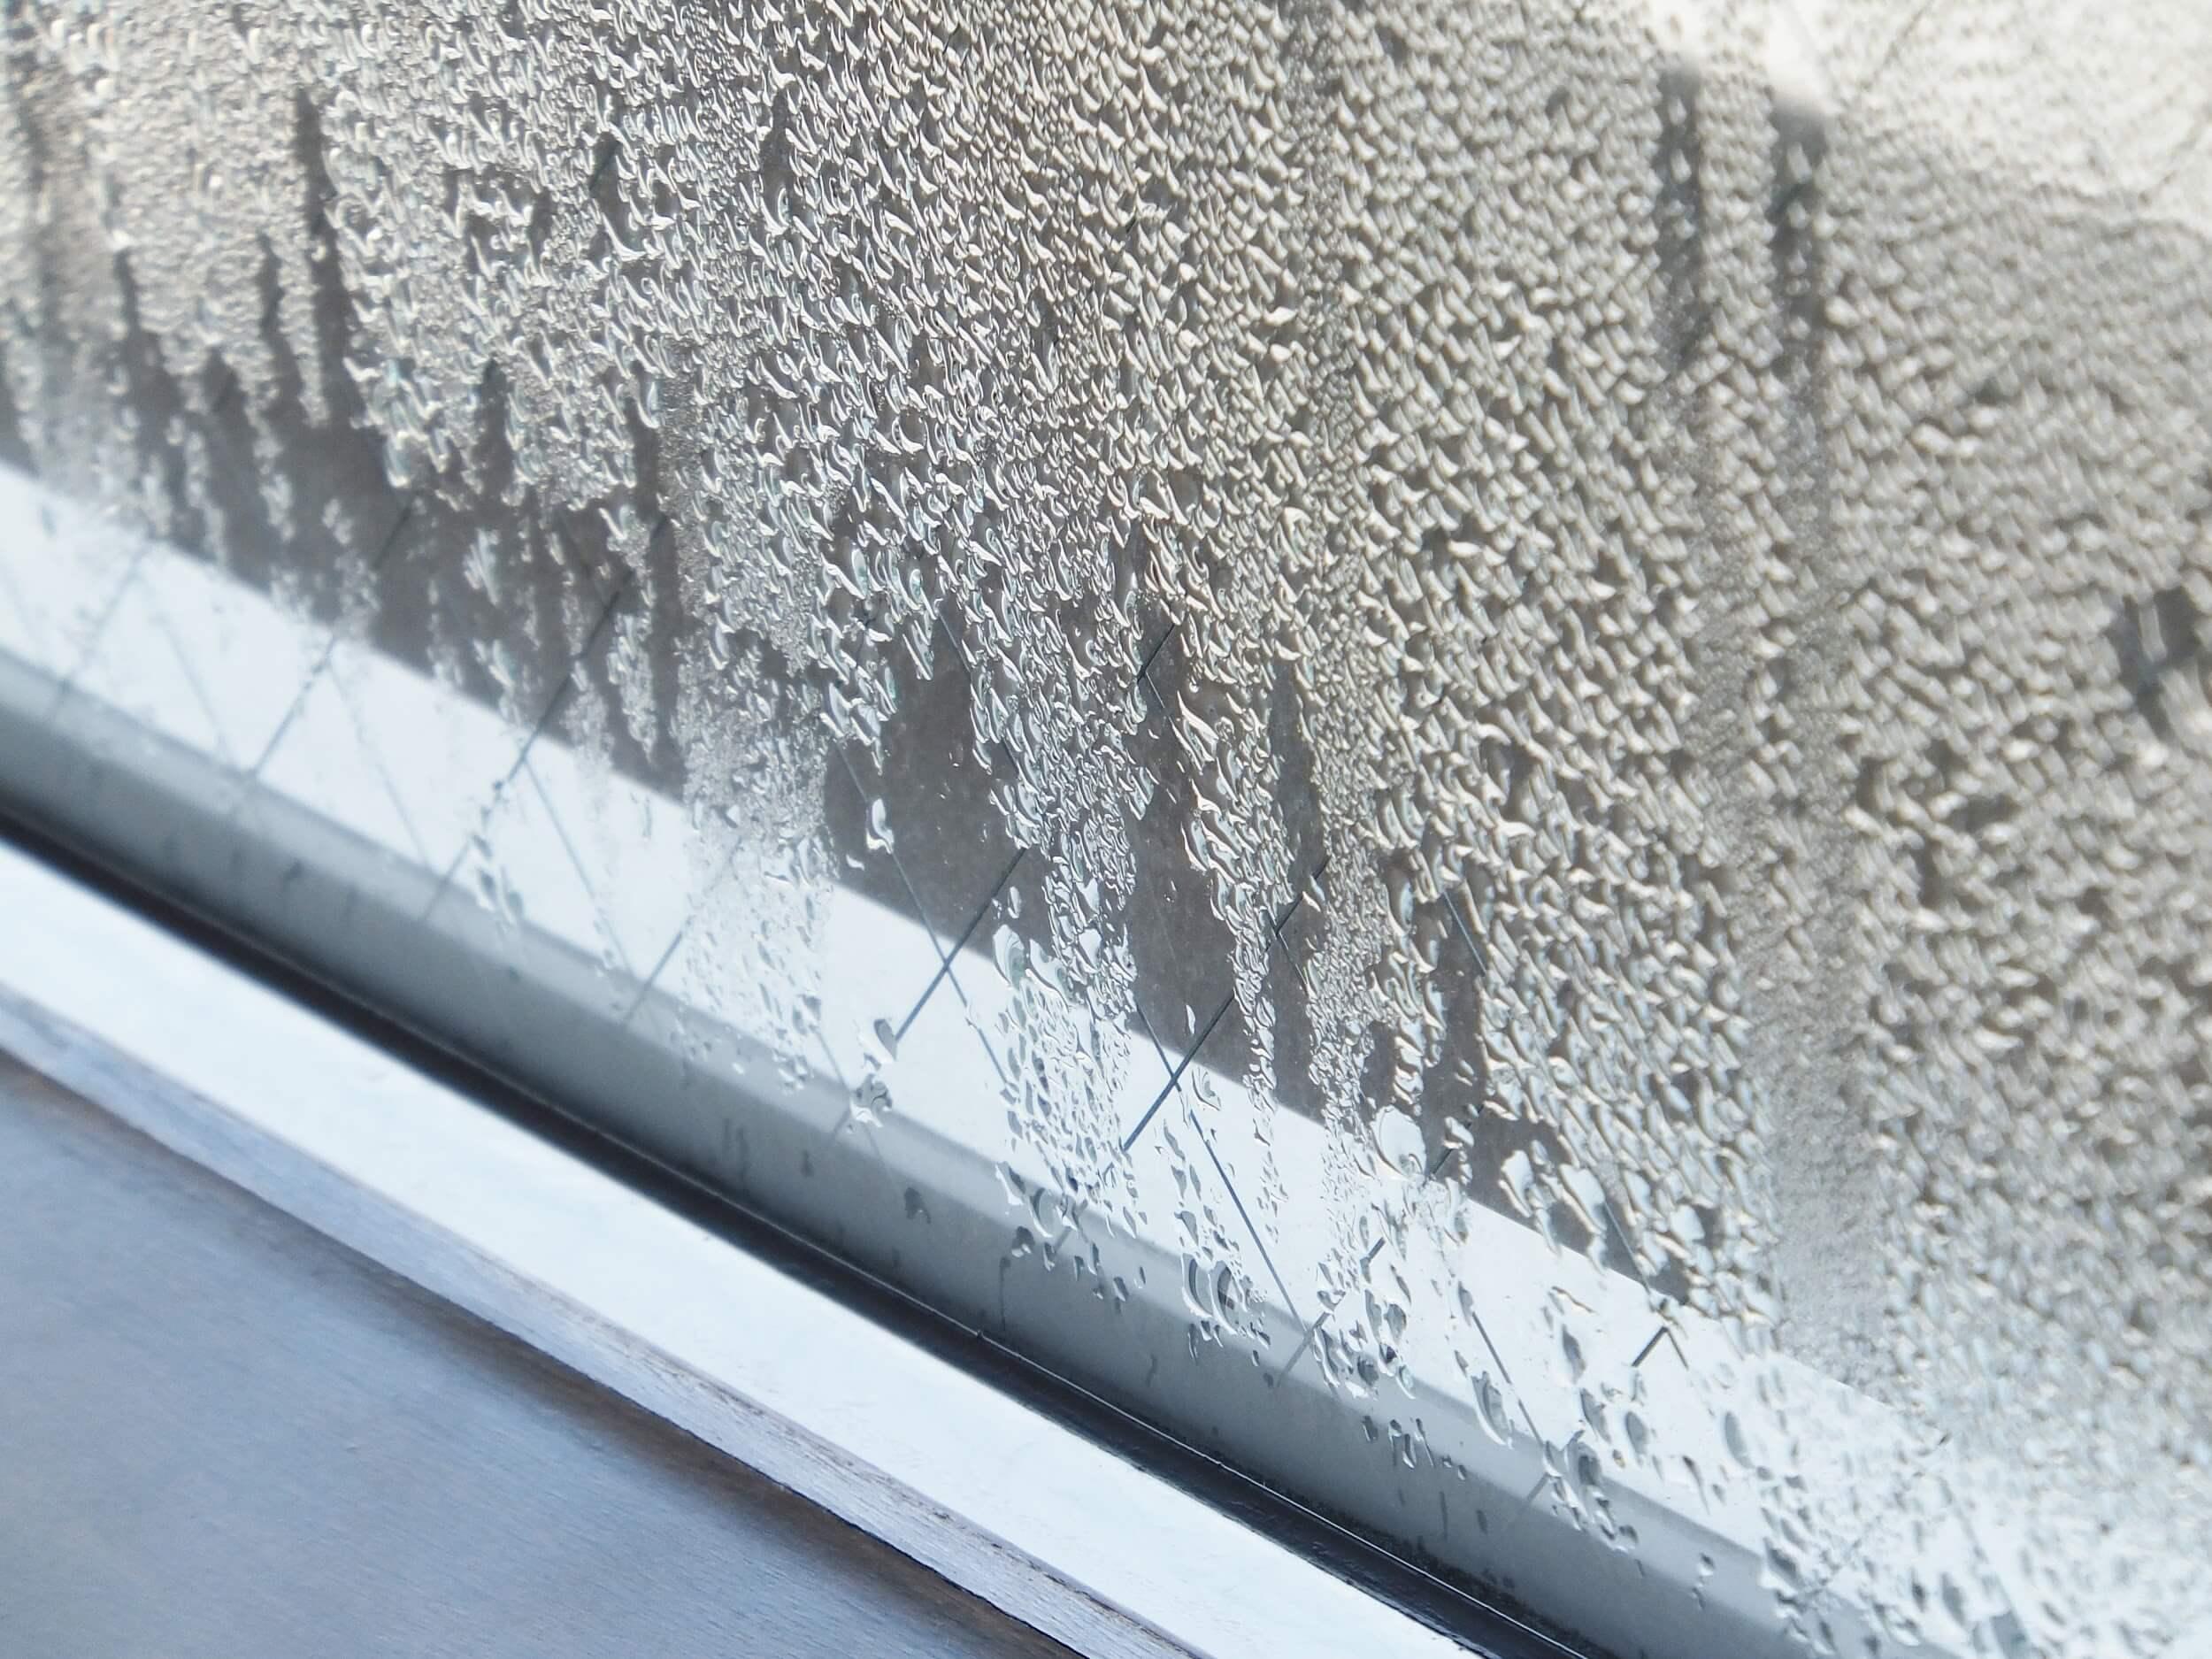 結露被害を予防するテクニック